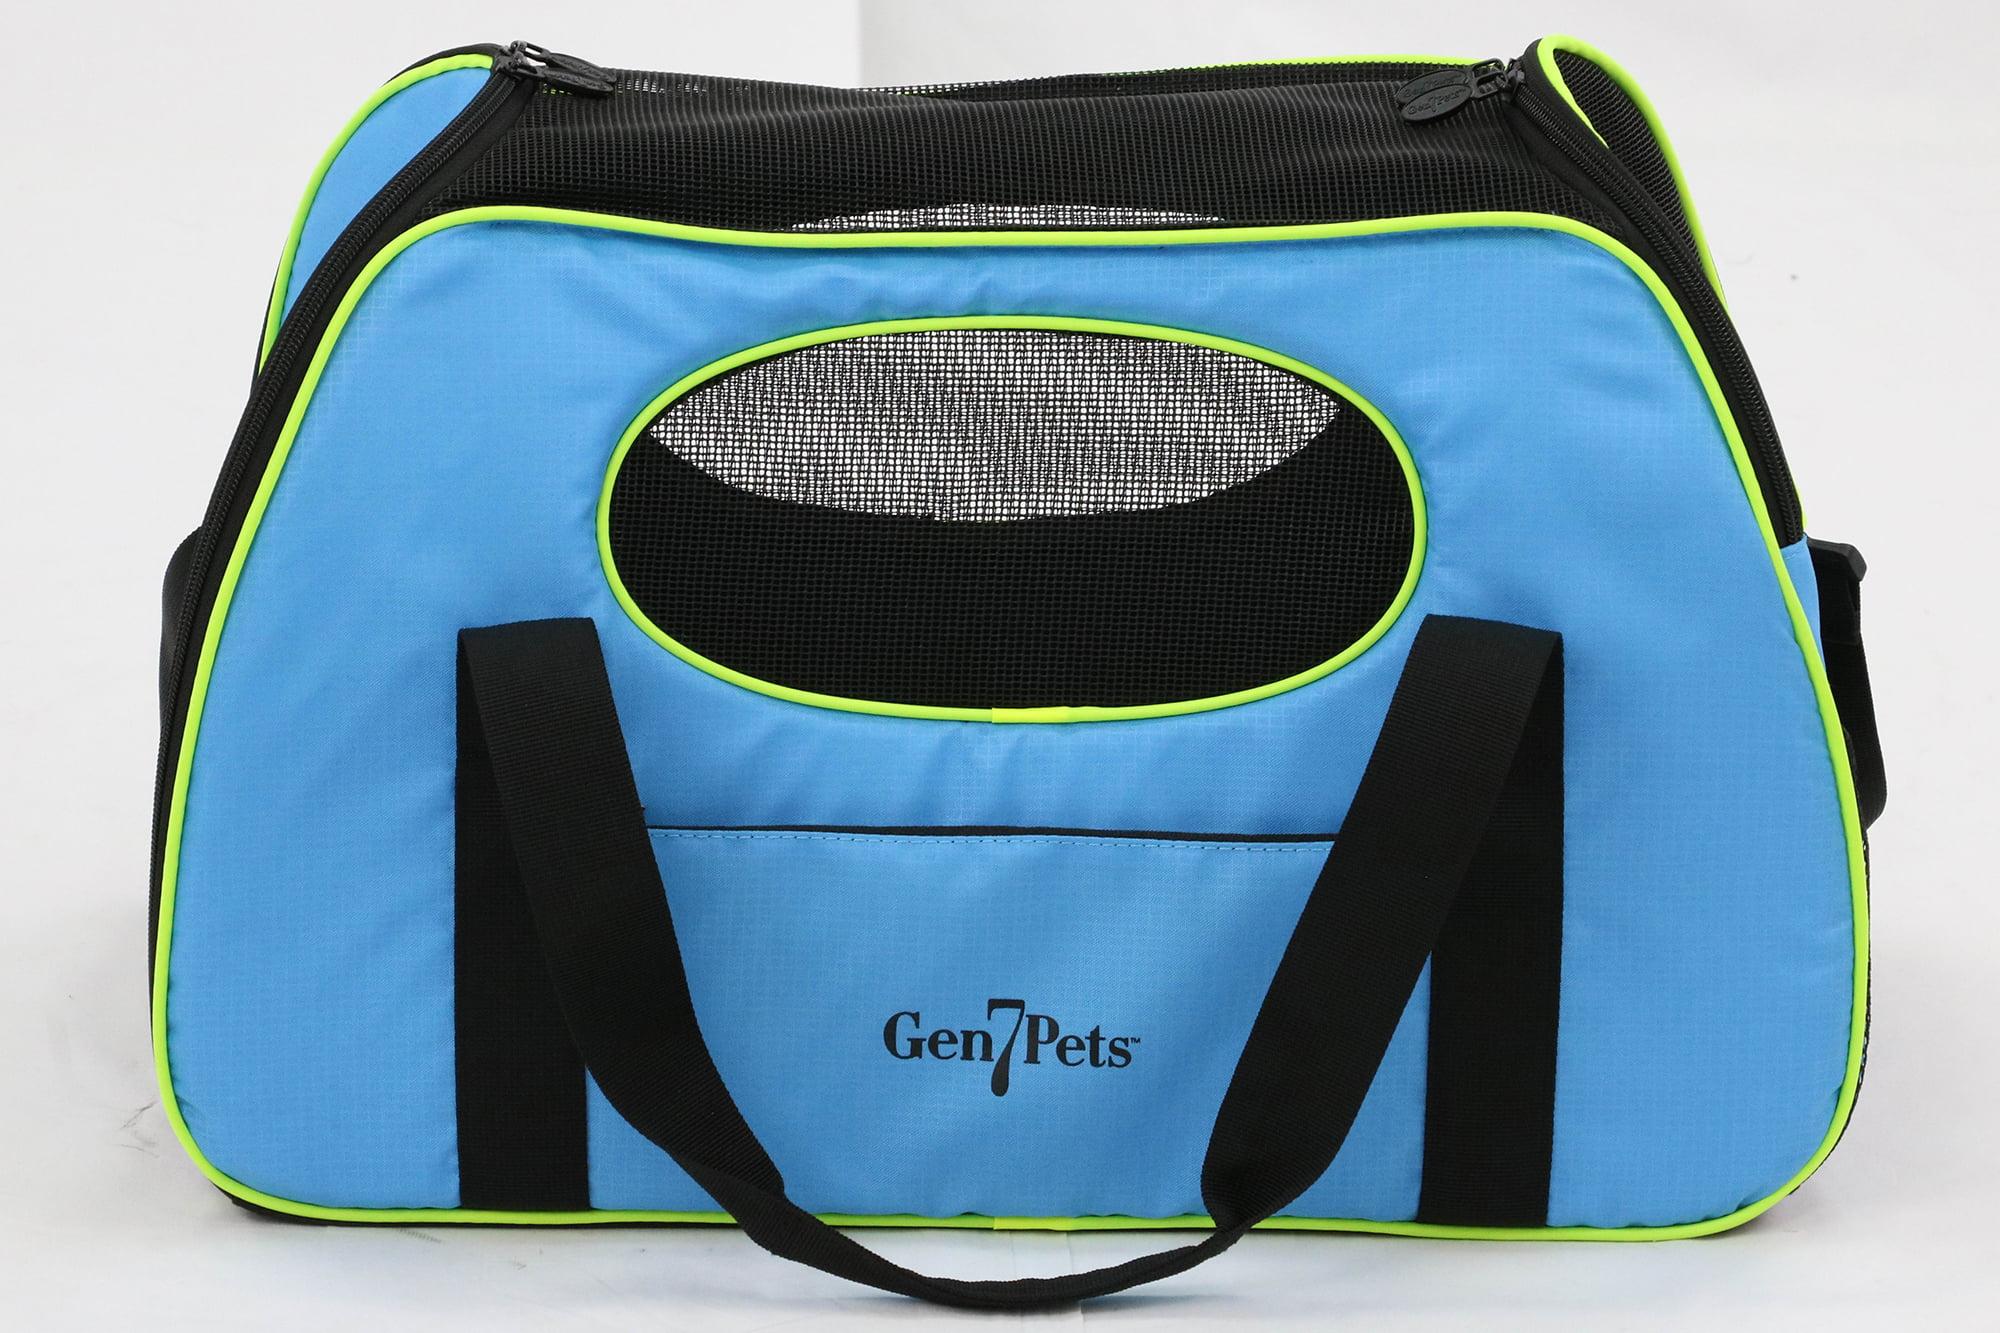 """Gen7Pets Carry-Me Pet Carrier, 20"""" X 13.5"""" X 10\ by Gen7Pets"""